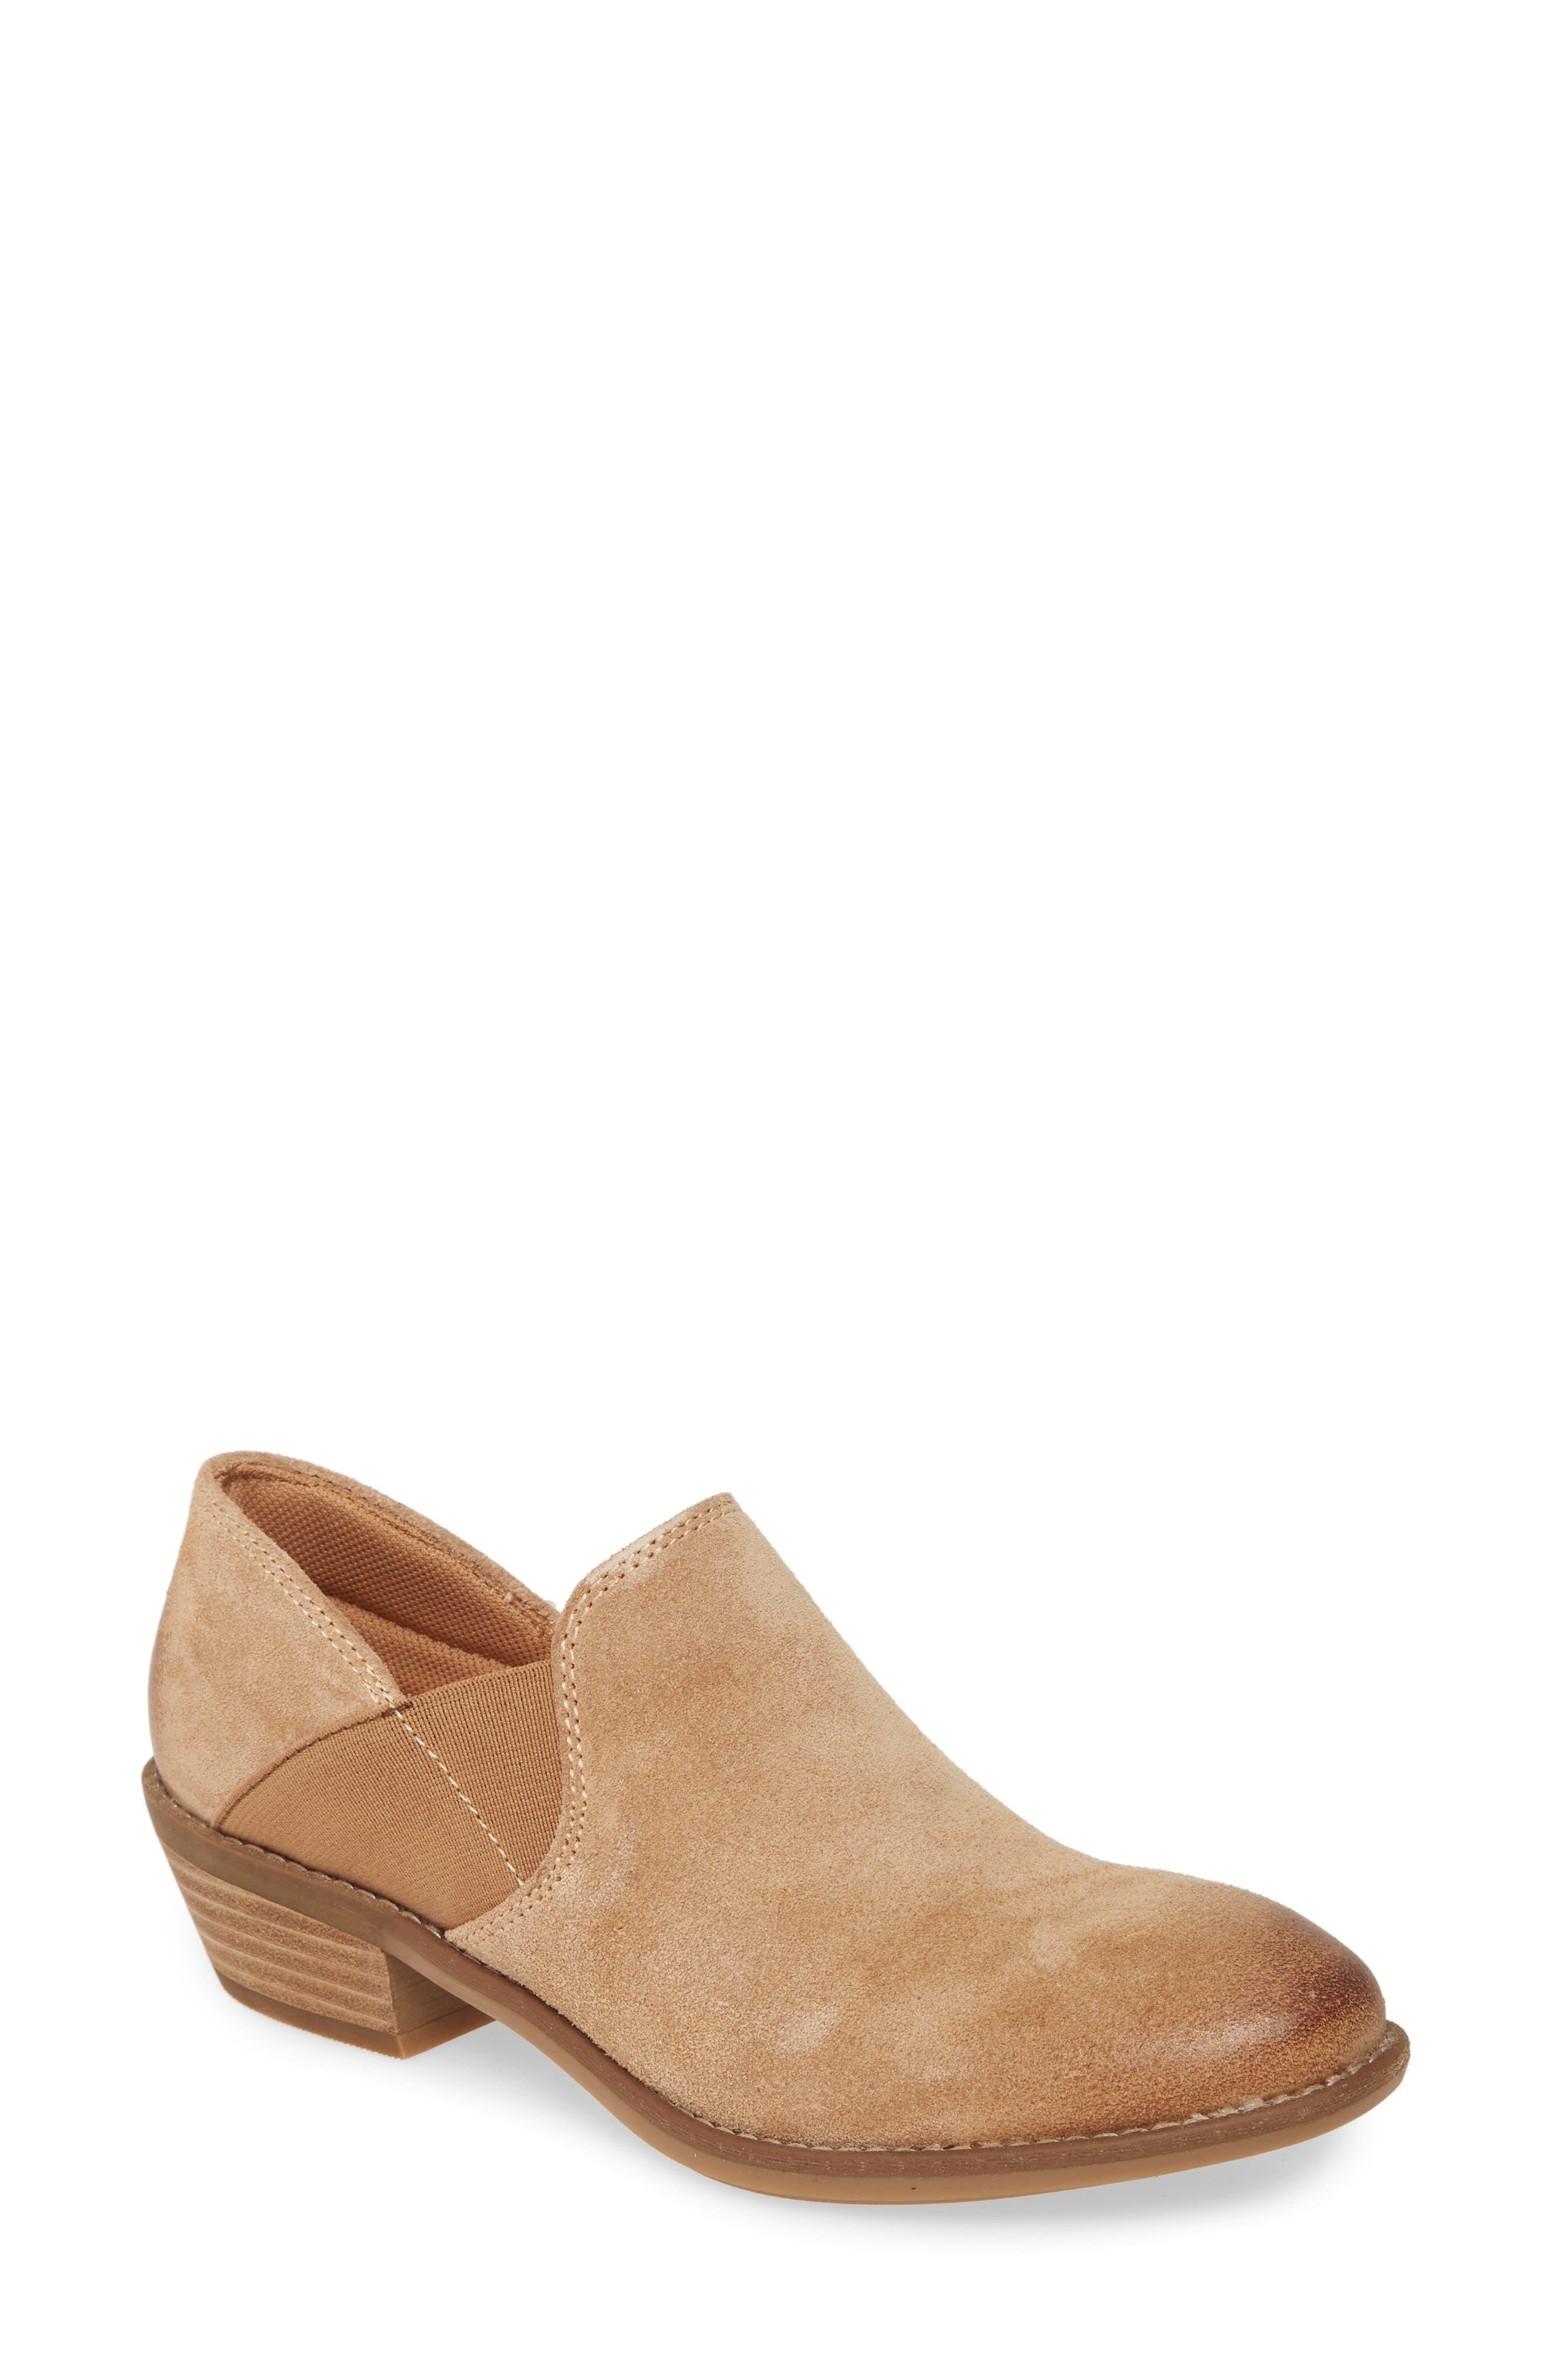 Women's Comfortiva Shoes   Nordstrom